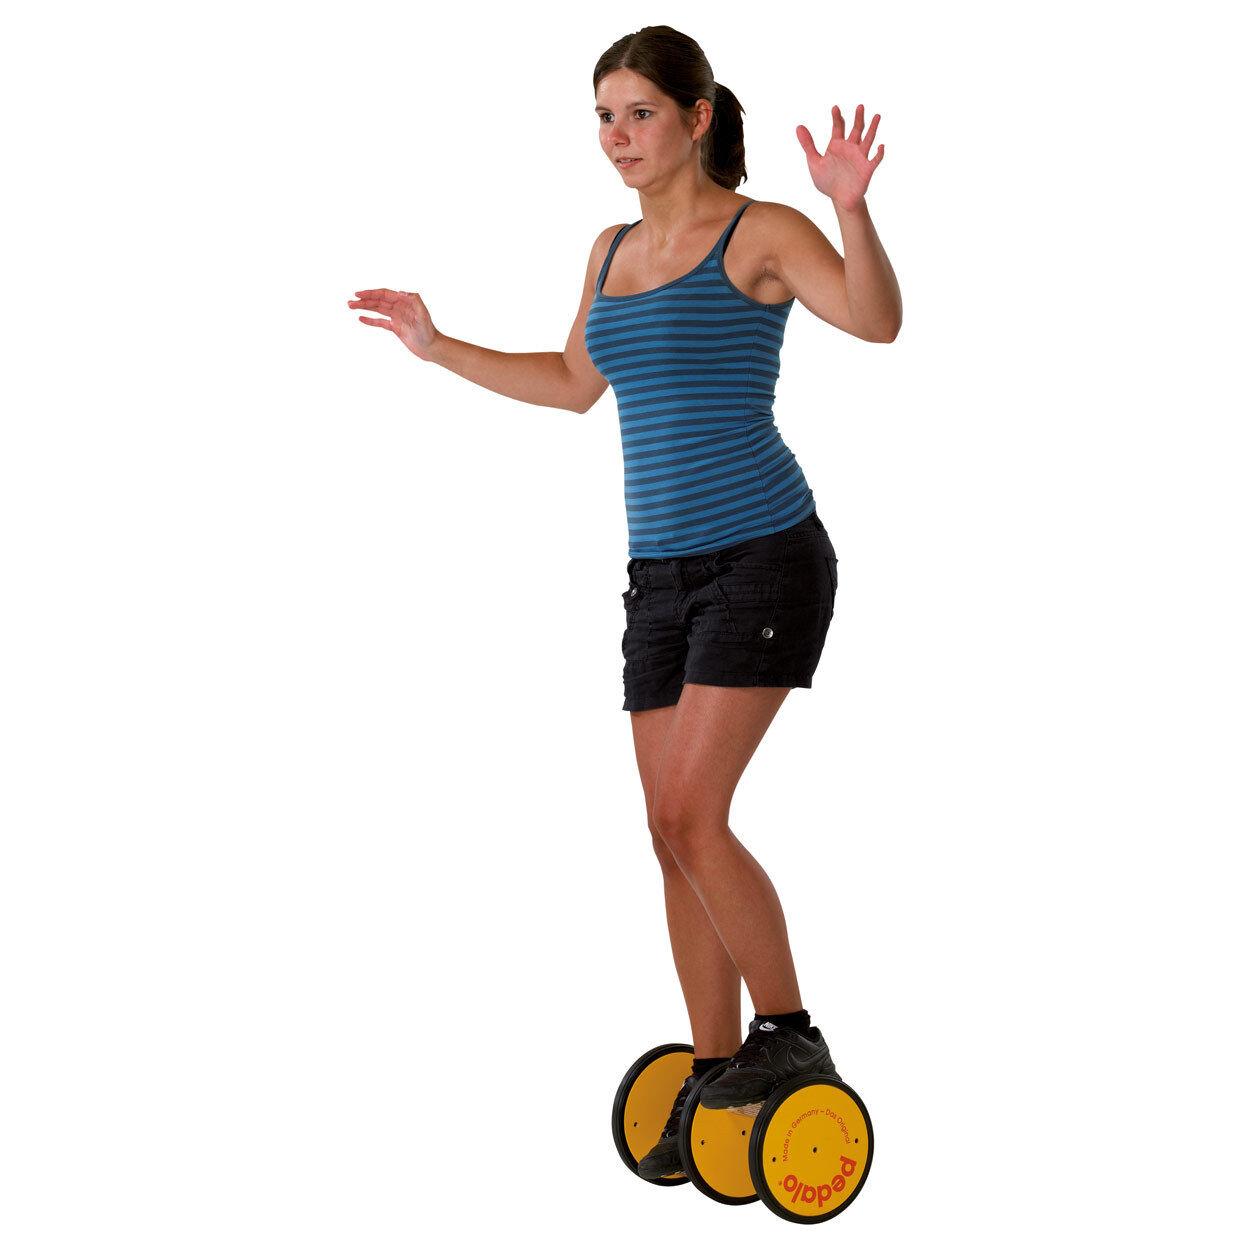 Pedalo Koordinationstrainer Sport Bewegungstrainer Einzelpedalo Balance Trainer